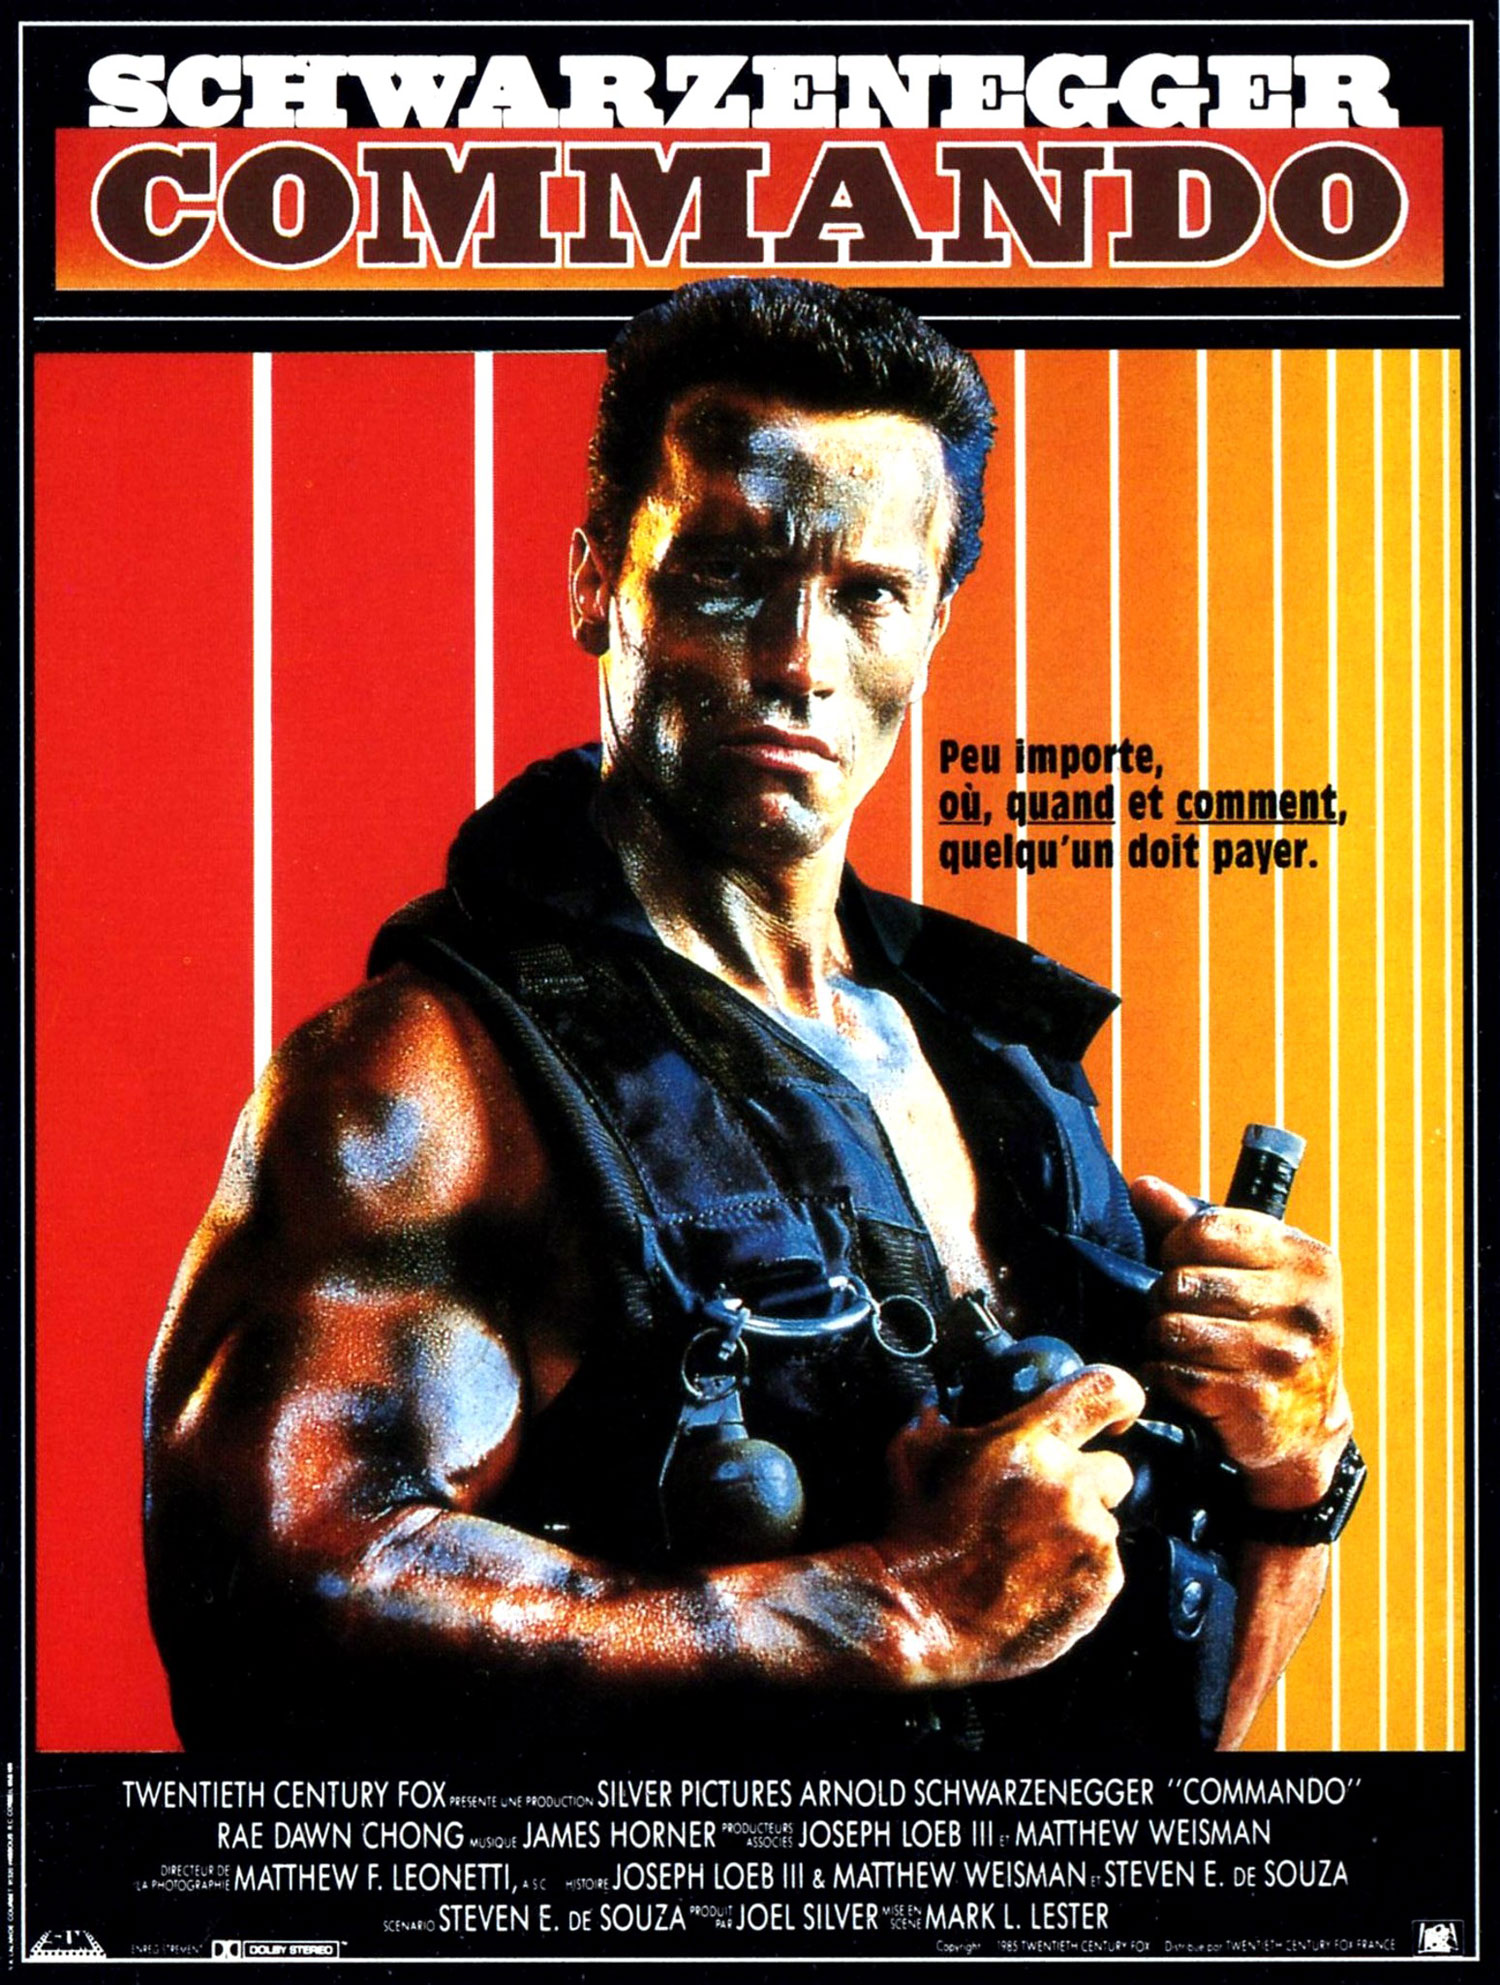 commando 2013 movie download mp4